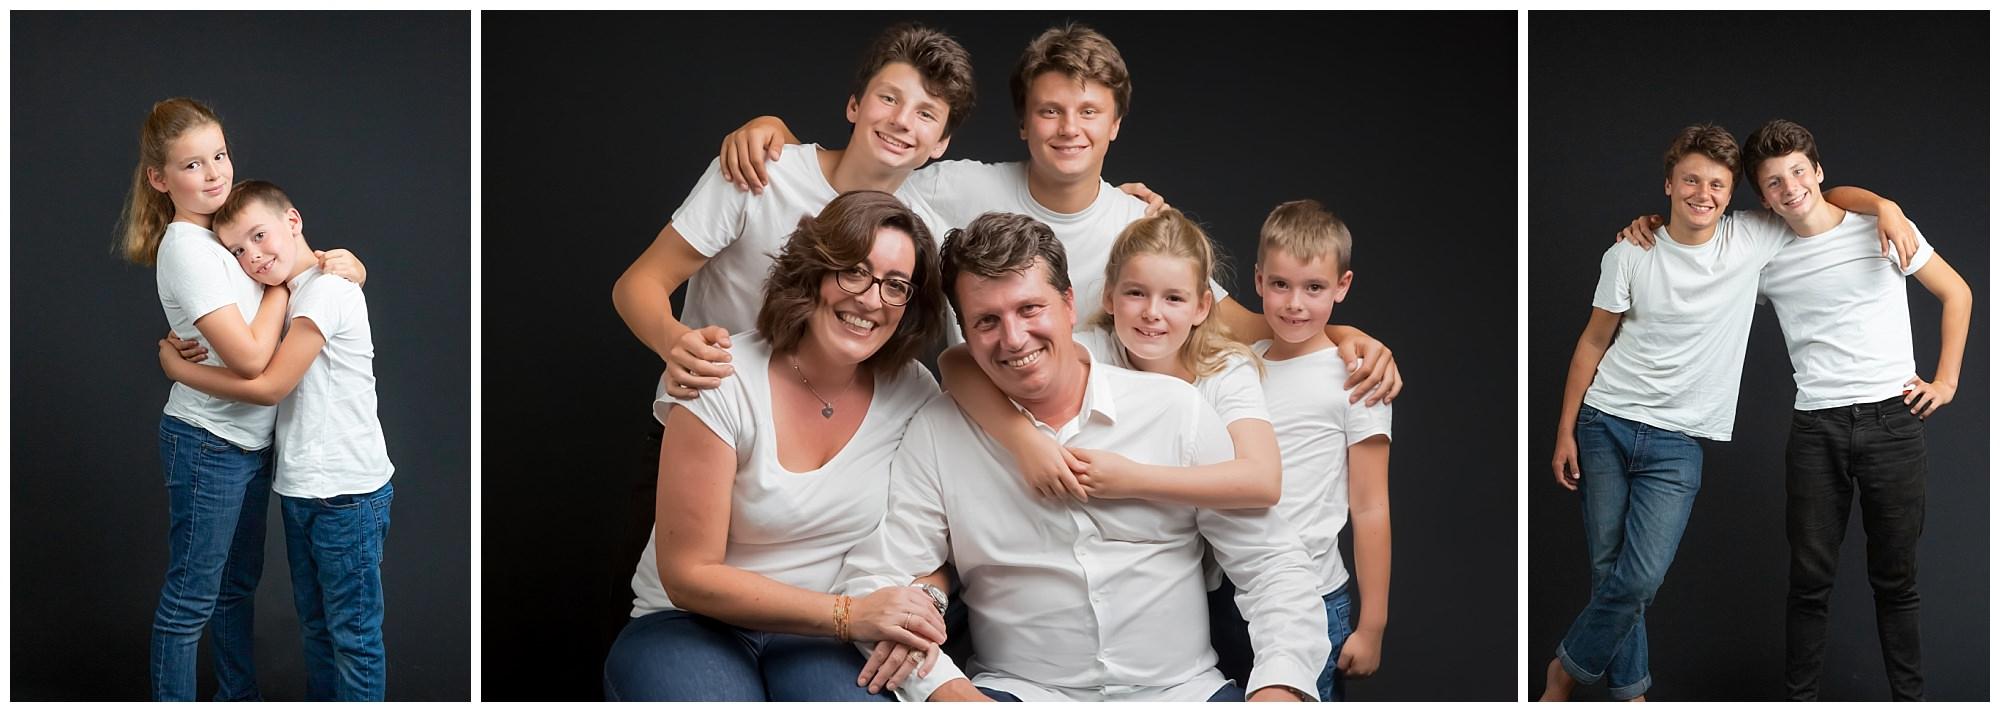 Séance famille chez les 2 photographes au Vésinet